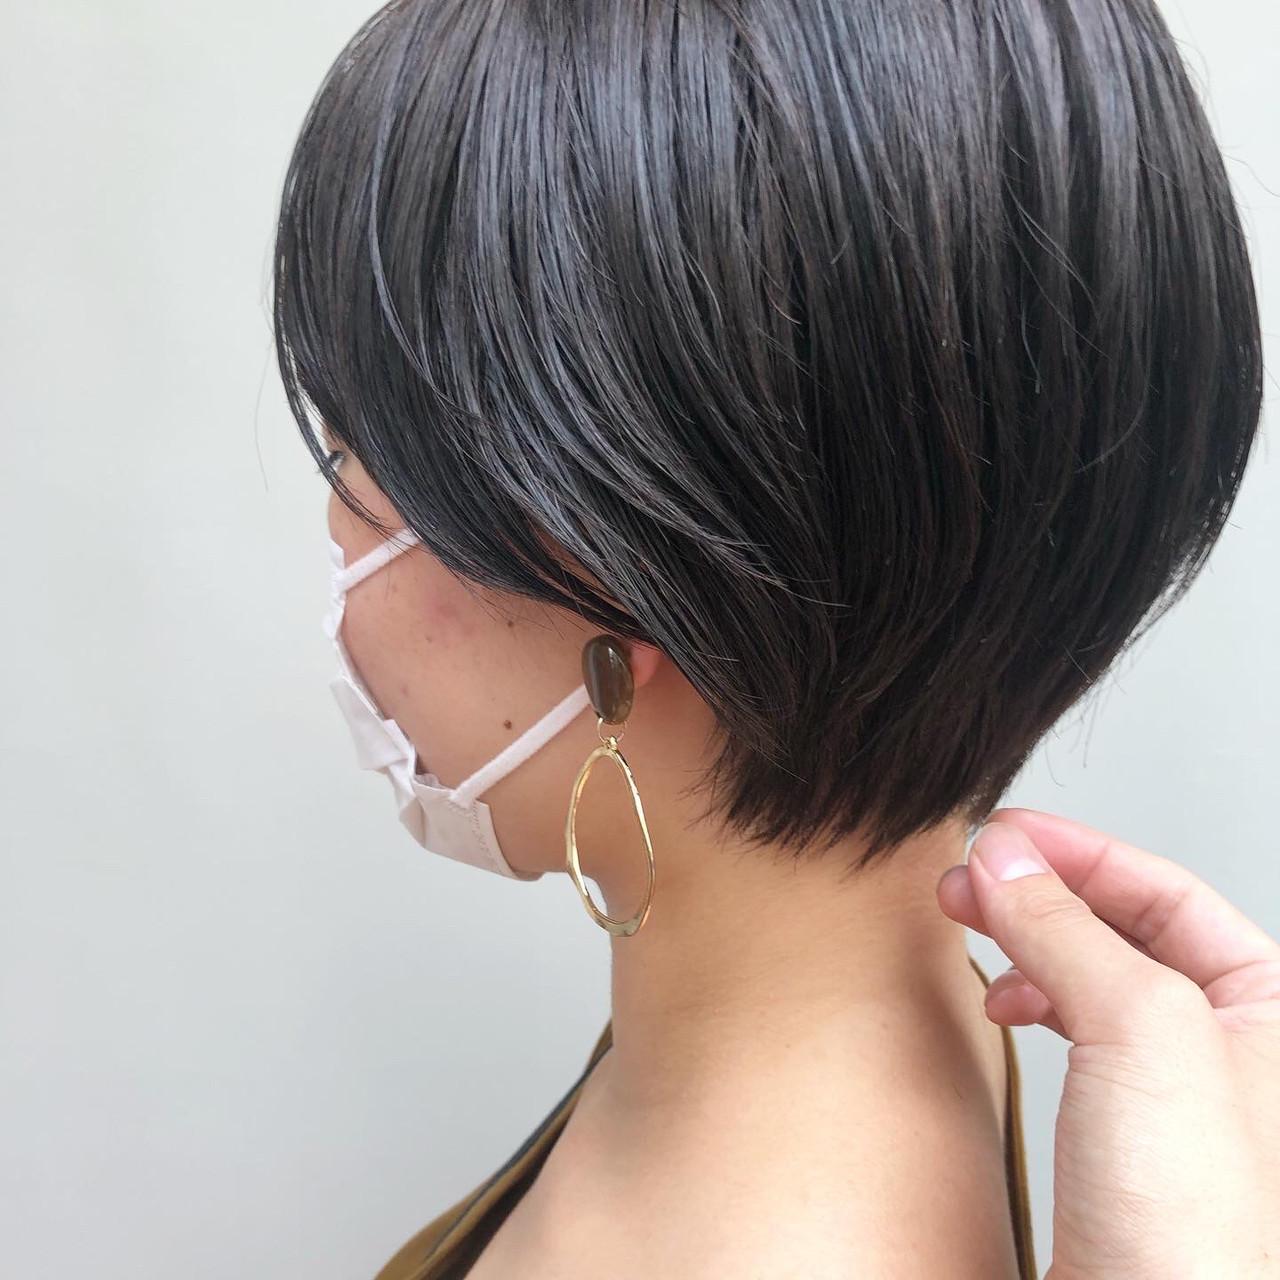 ショートヘア ショート ショートボブ ナチュラル ヘアスタイルや髪型の写真・画像 | カネコミキヒロ / Neolive aim 横浜西口店